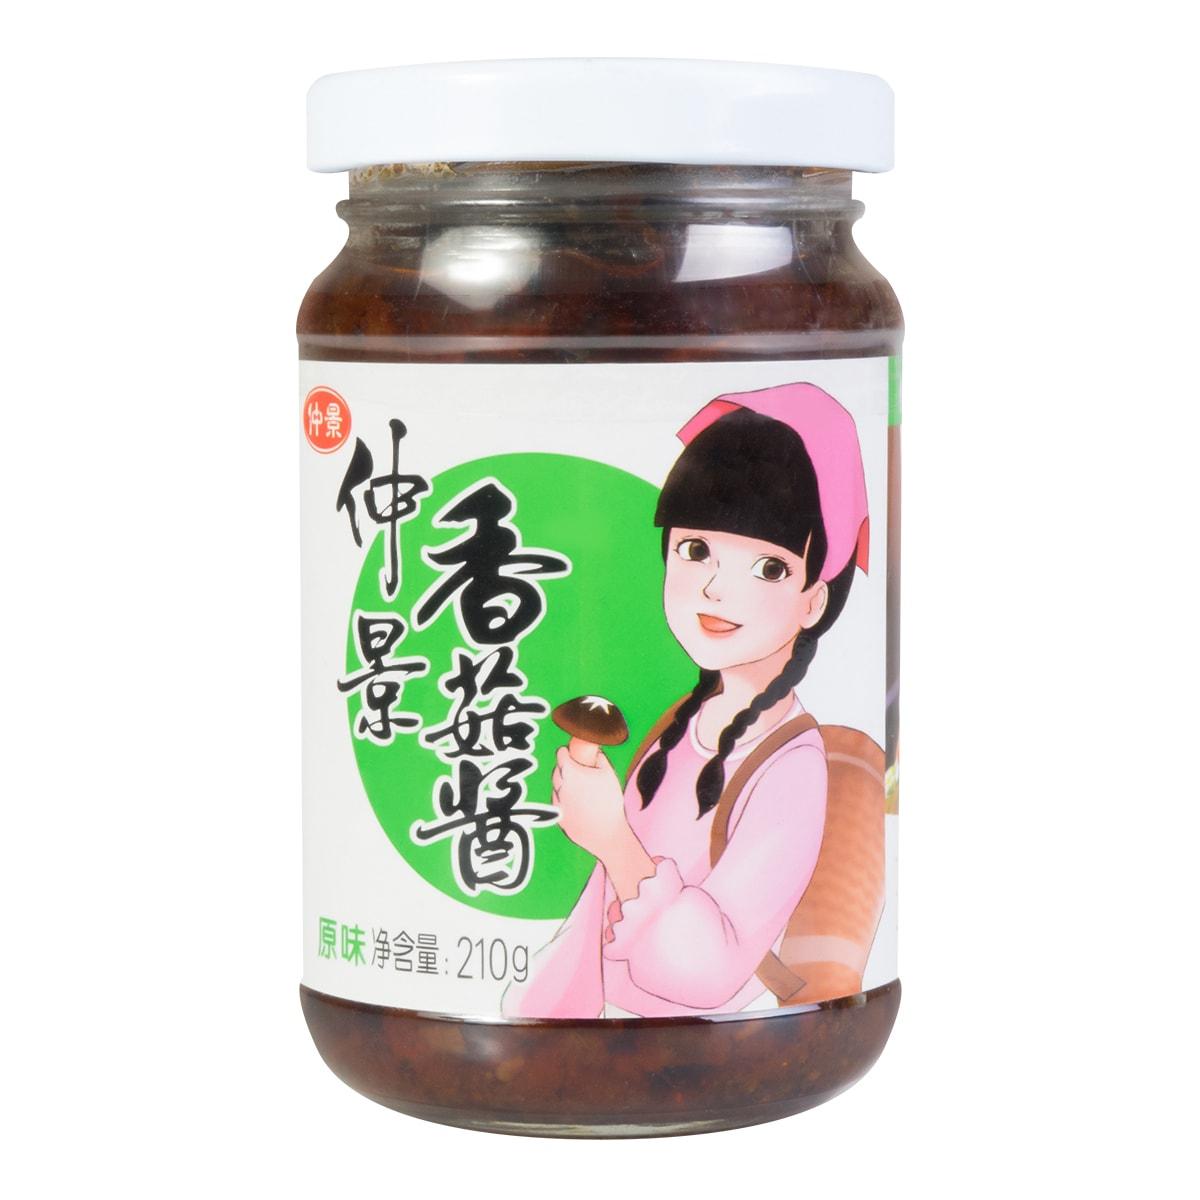 仲景 健康美味香菇酱 原味 210g